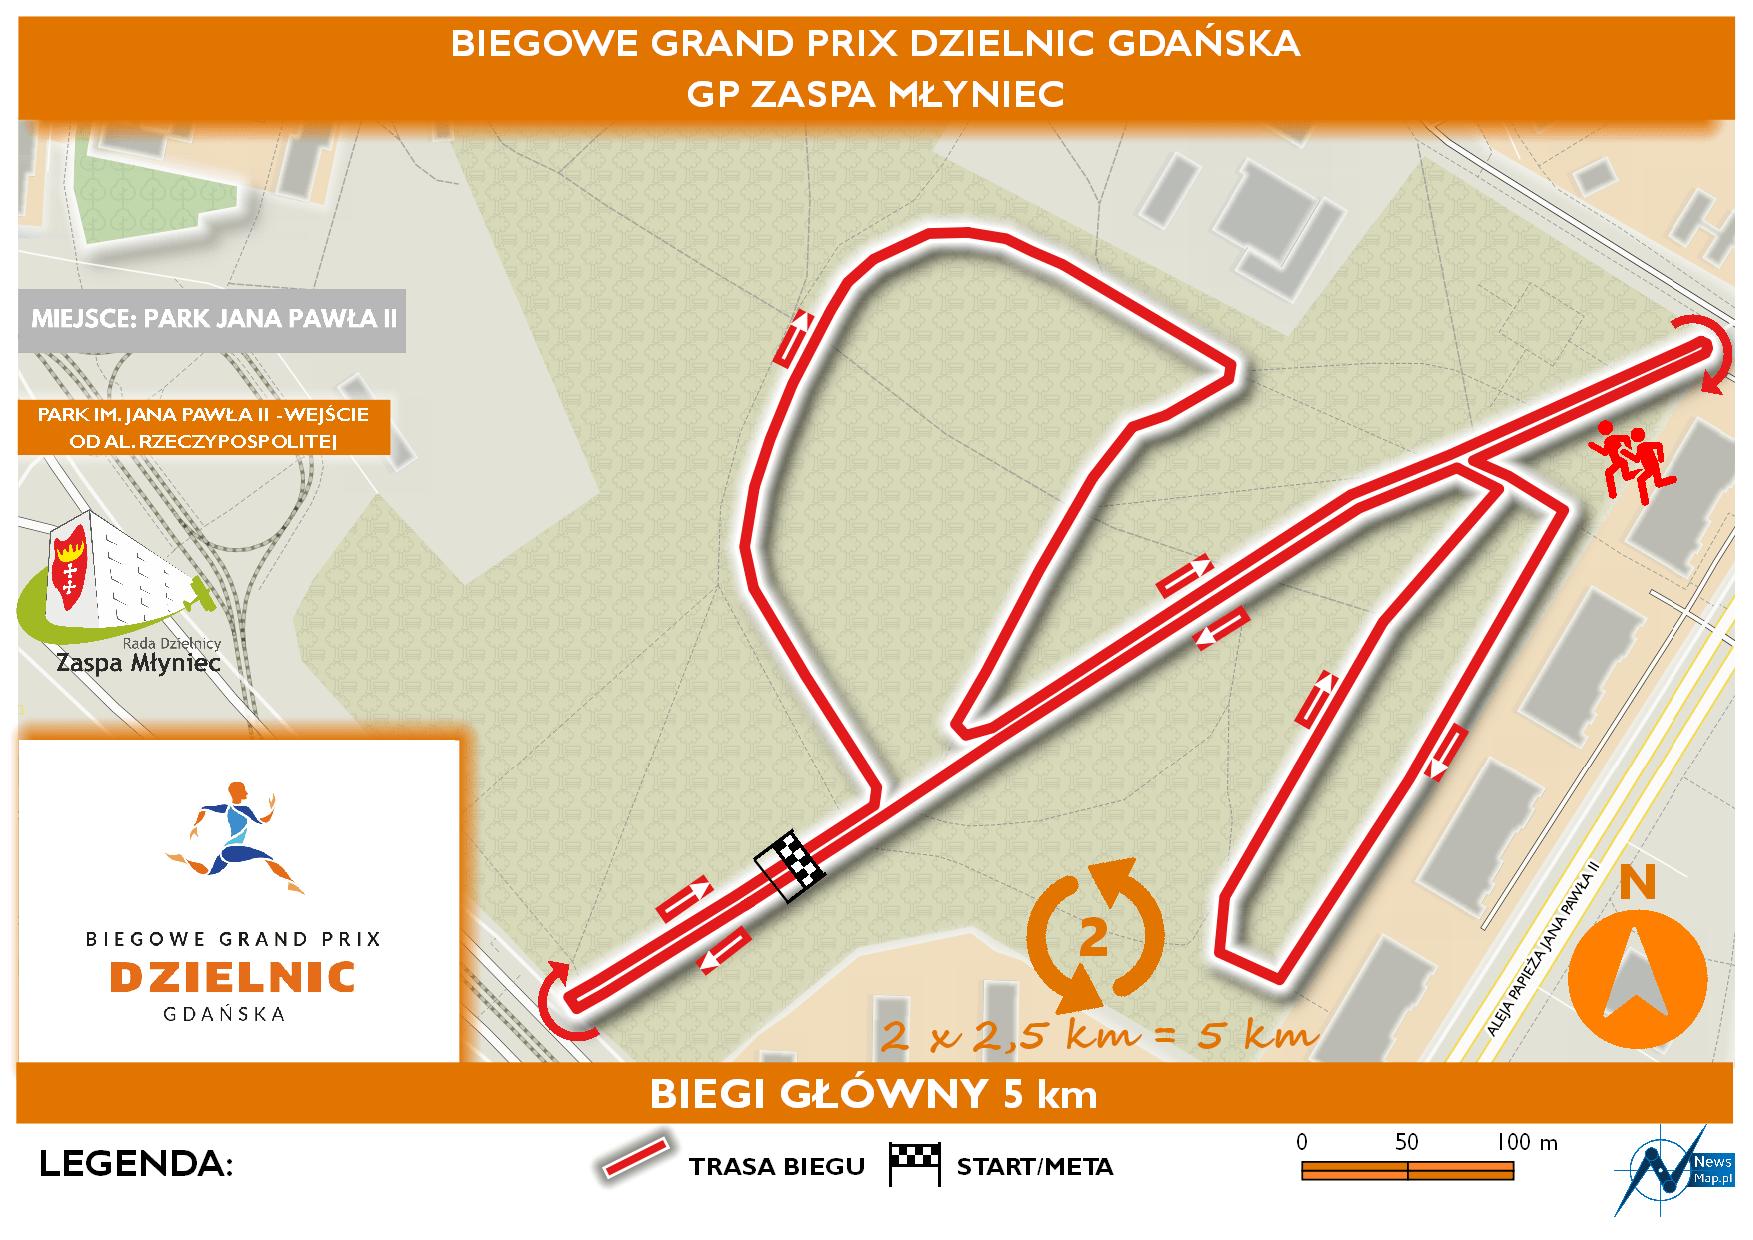 Mapa statyczna GP Zaspa Młyniec - bieg główny (on-line)